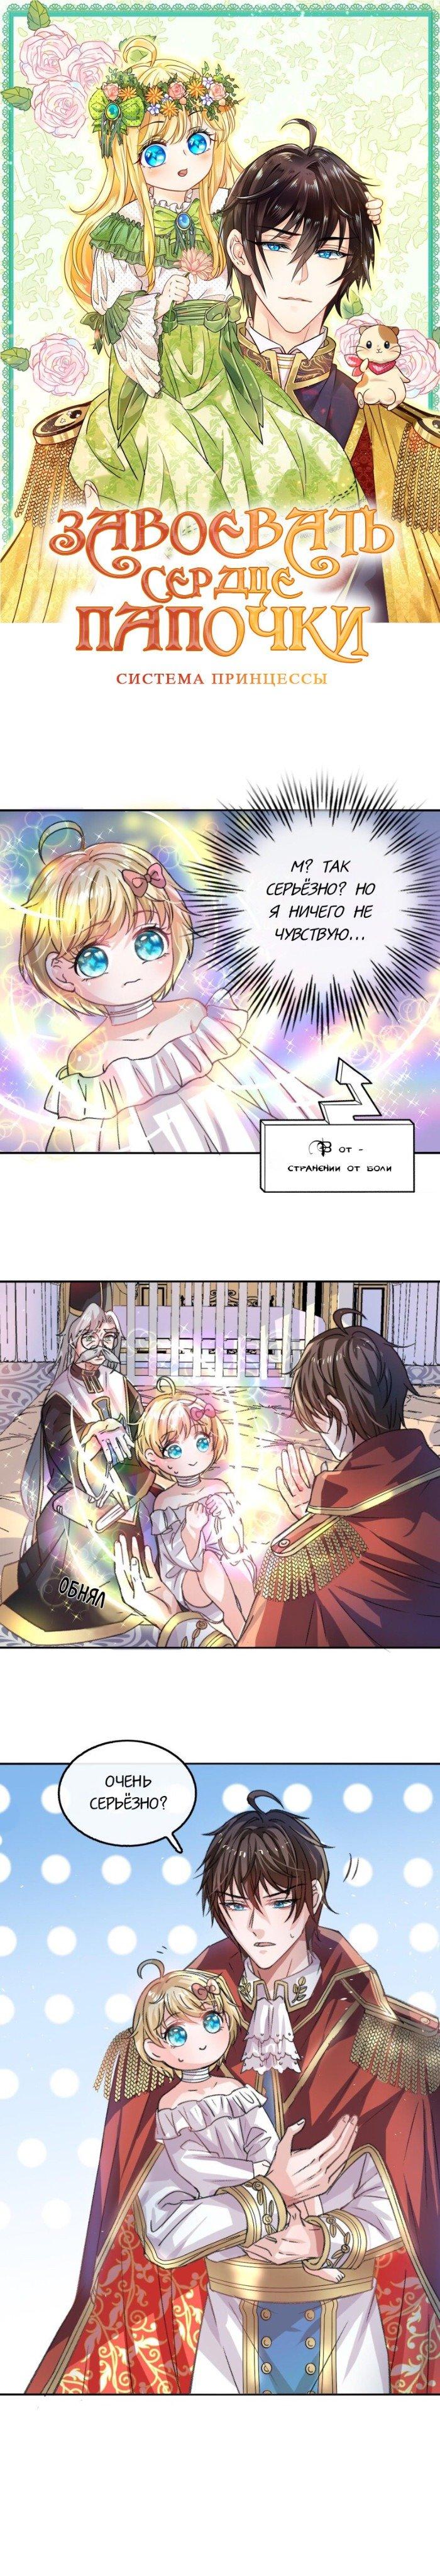 Манга Завоевать сердце папочки. Система принцессы. - Глава 10 Страница 1